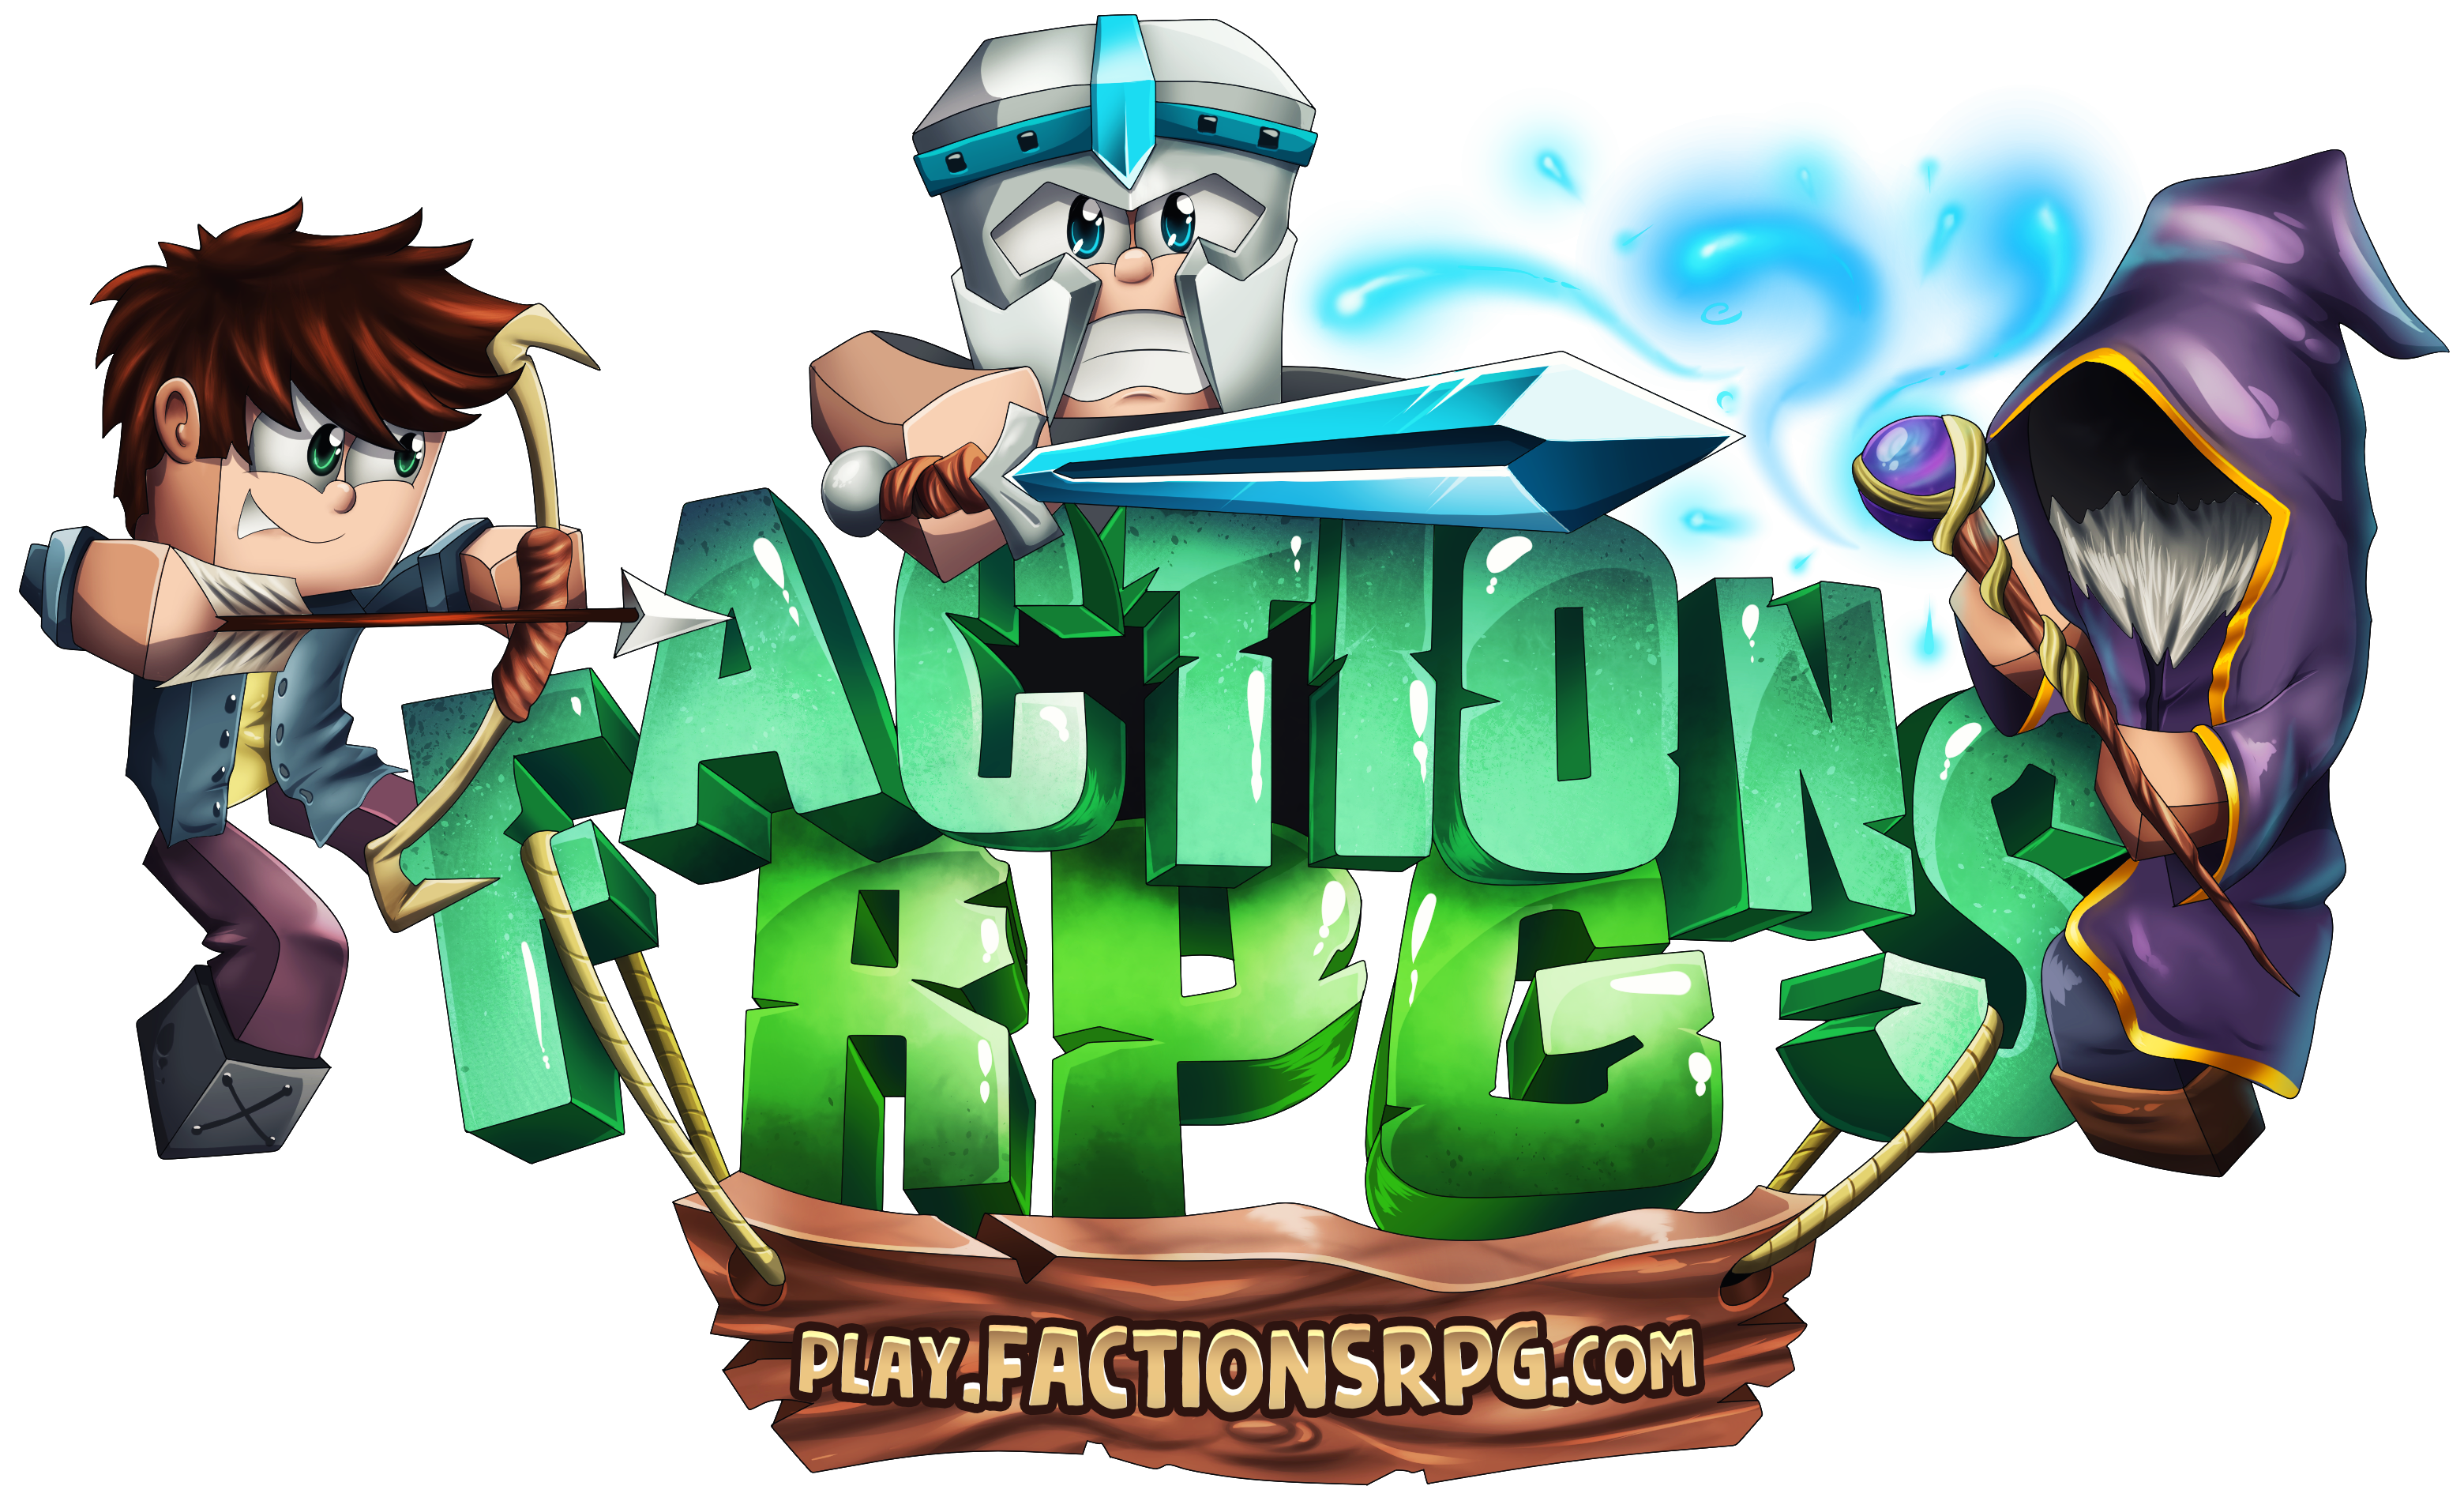 FactionsRPG